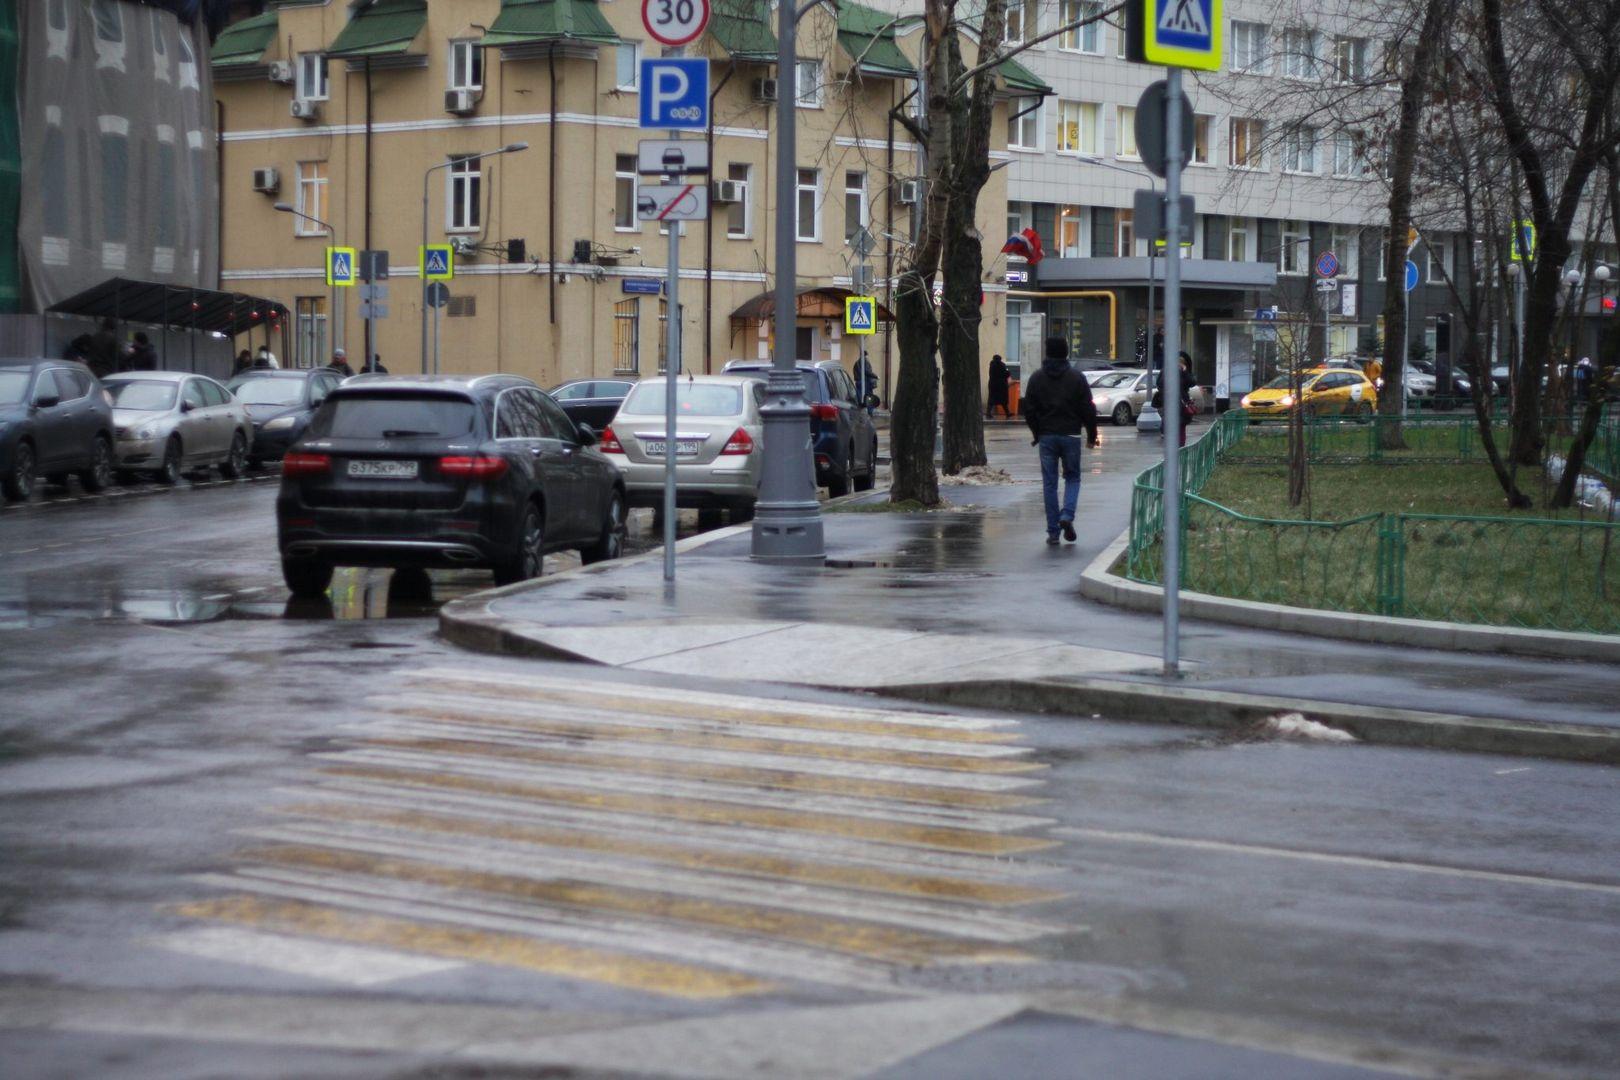 площадь Академика Доллежаля, благоустройство, пешеходный переход